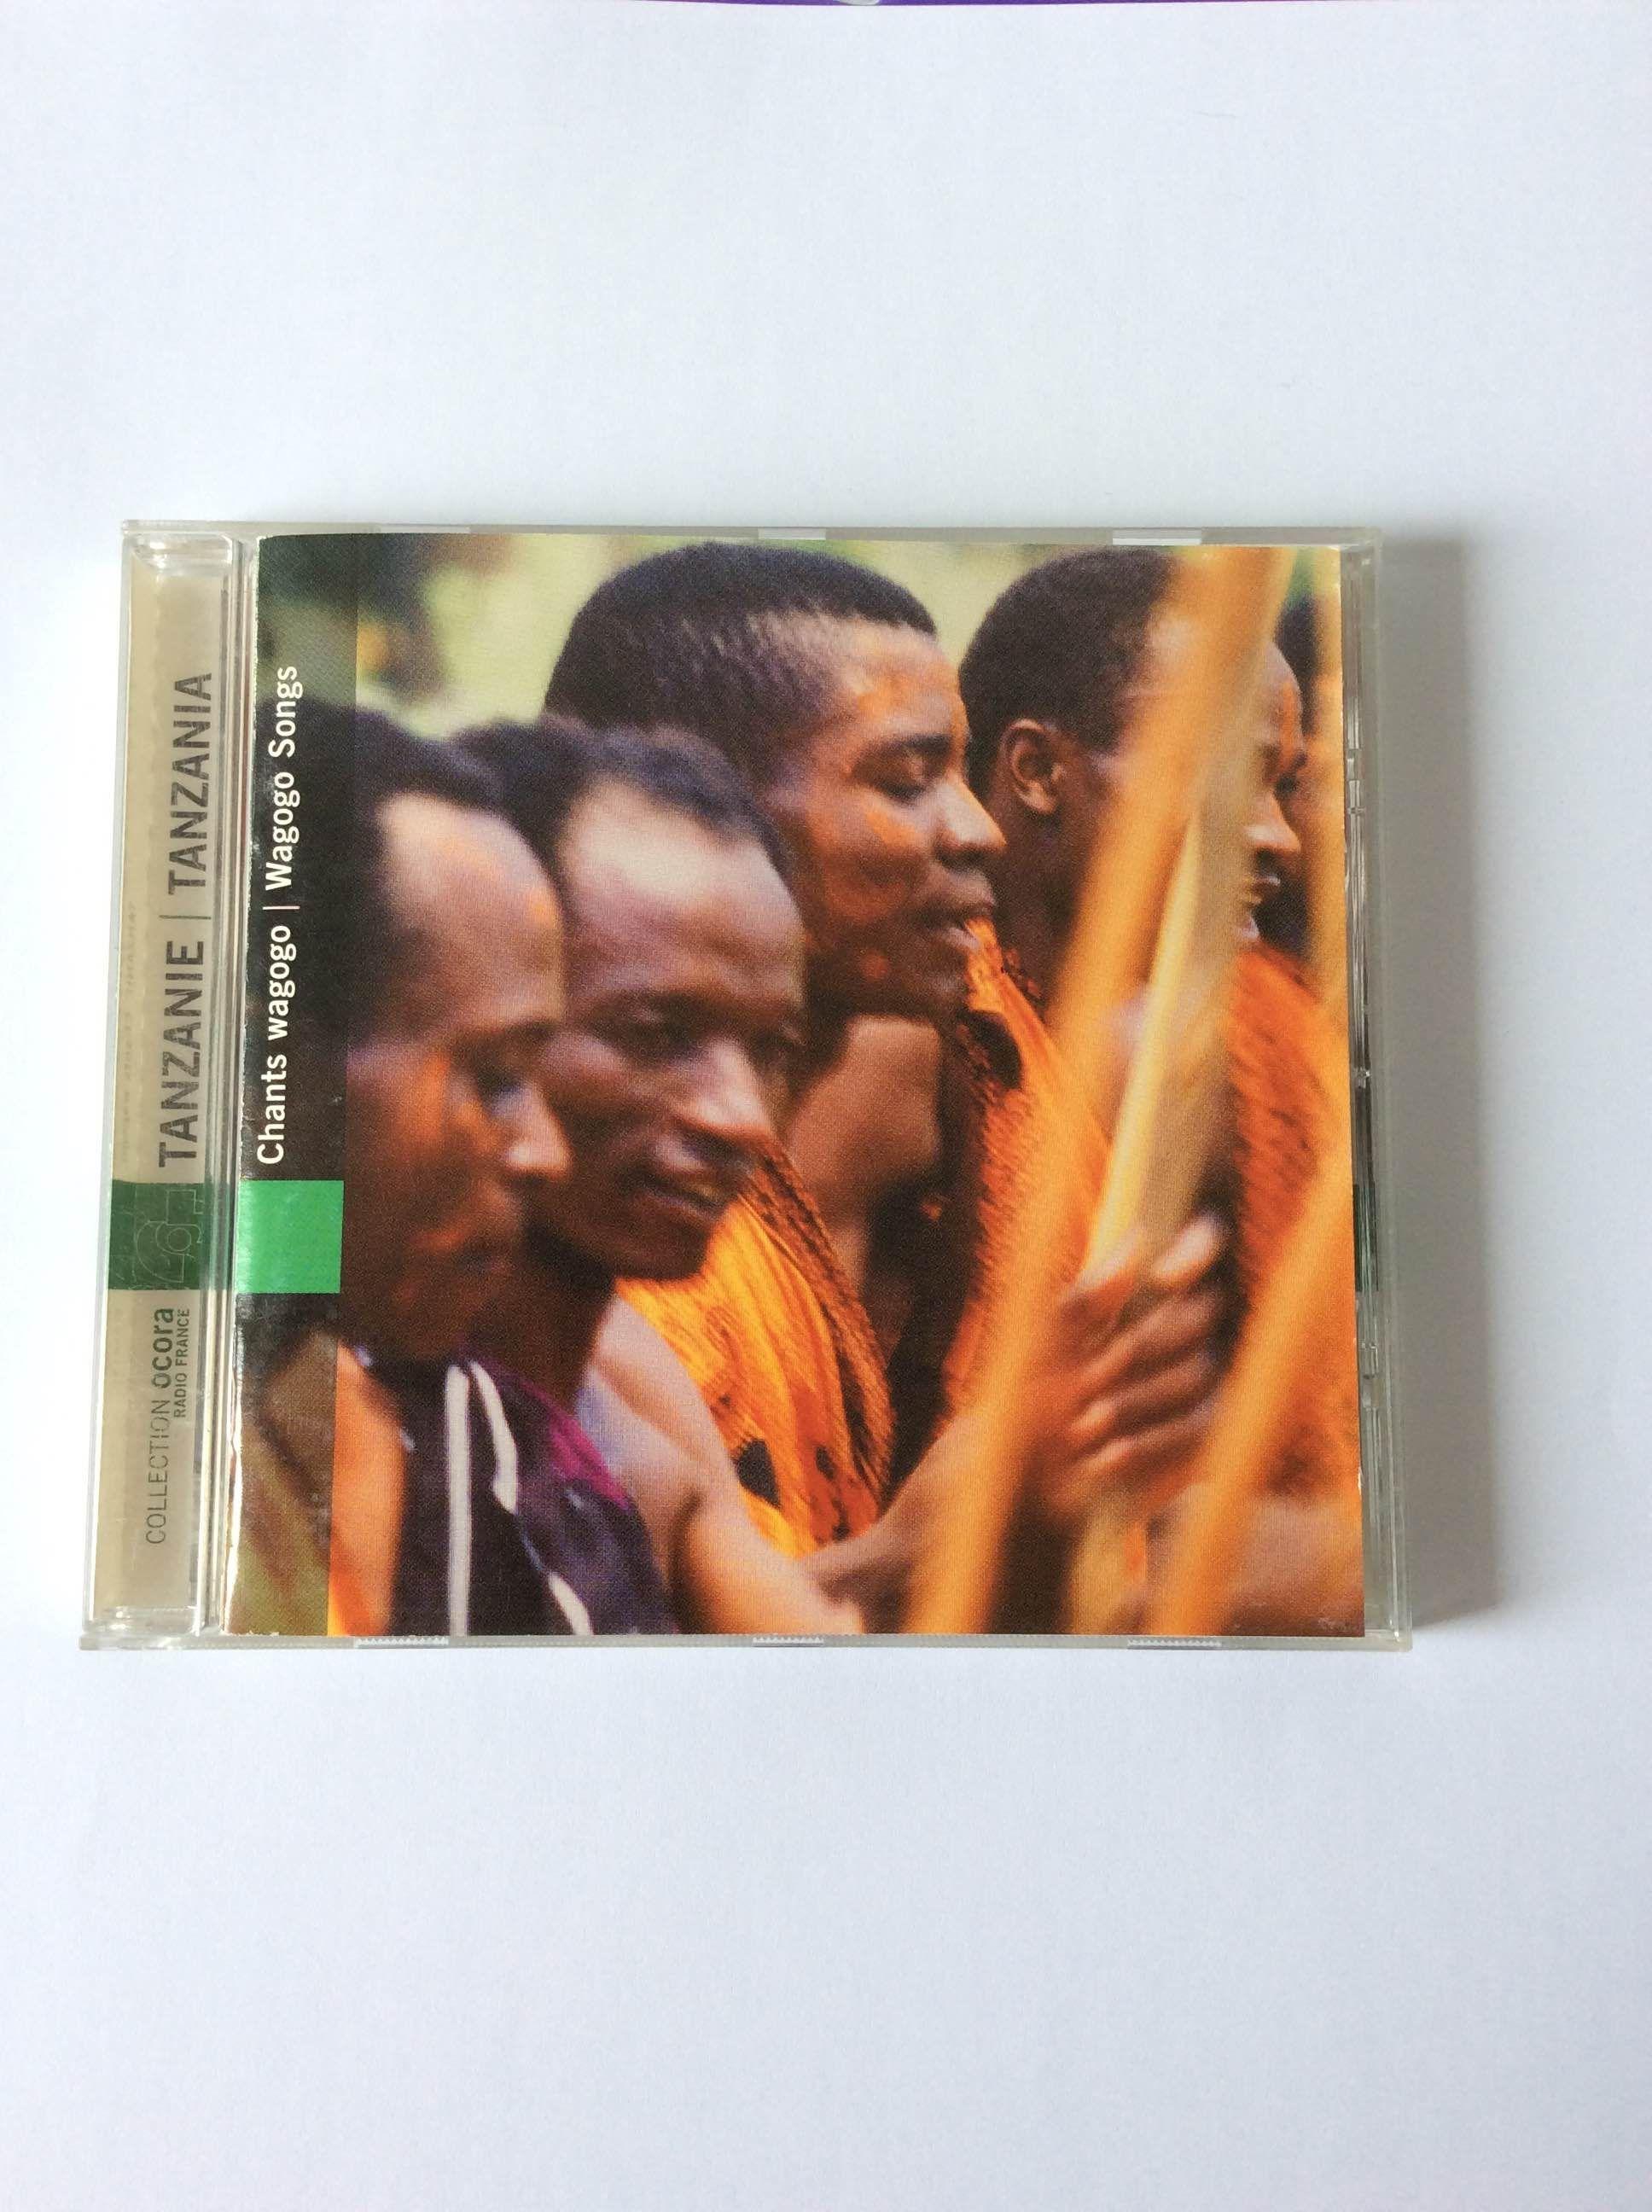 Una grabación de cantos africanos donde hallar nuevas pistas sobre cuestiones en torno a la polifonía, con el plus de conocer hábitos musicales de otras culturas.  Estudio de Polo Vallejo, en cuya página encontramos la noticia de la próxima visita de los Wagogo a Madrid: http://www.polovallejo.com/portfolio/los-wagogo-de-tanzania-nos-visitan-en-noviembre-de-2016%E2%80%8F/